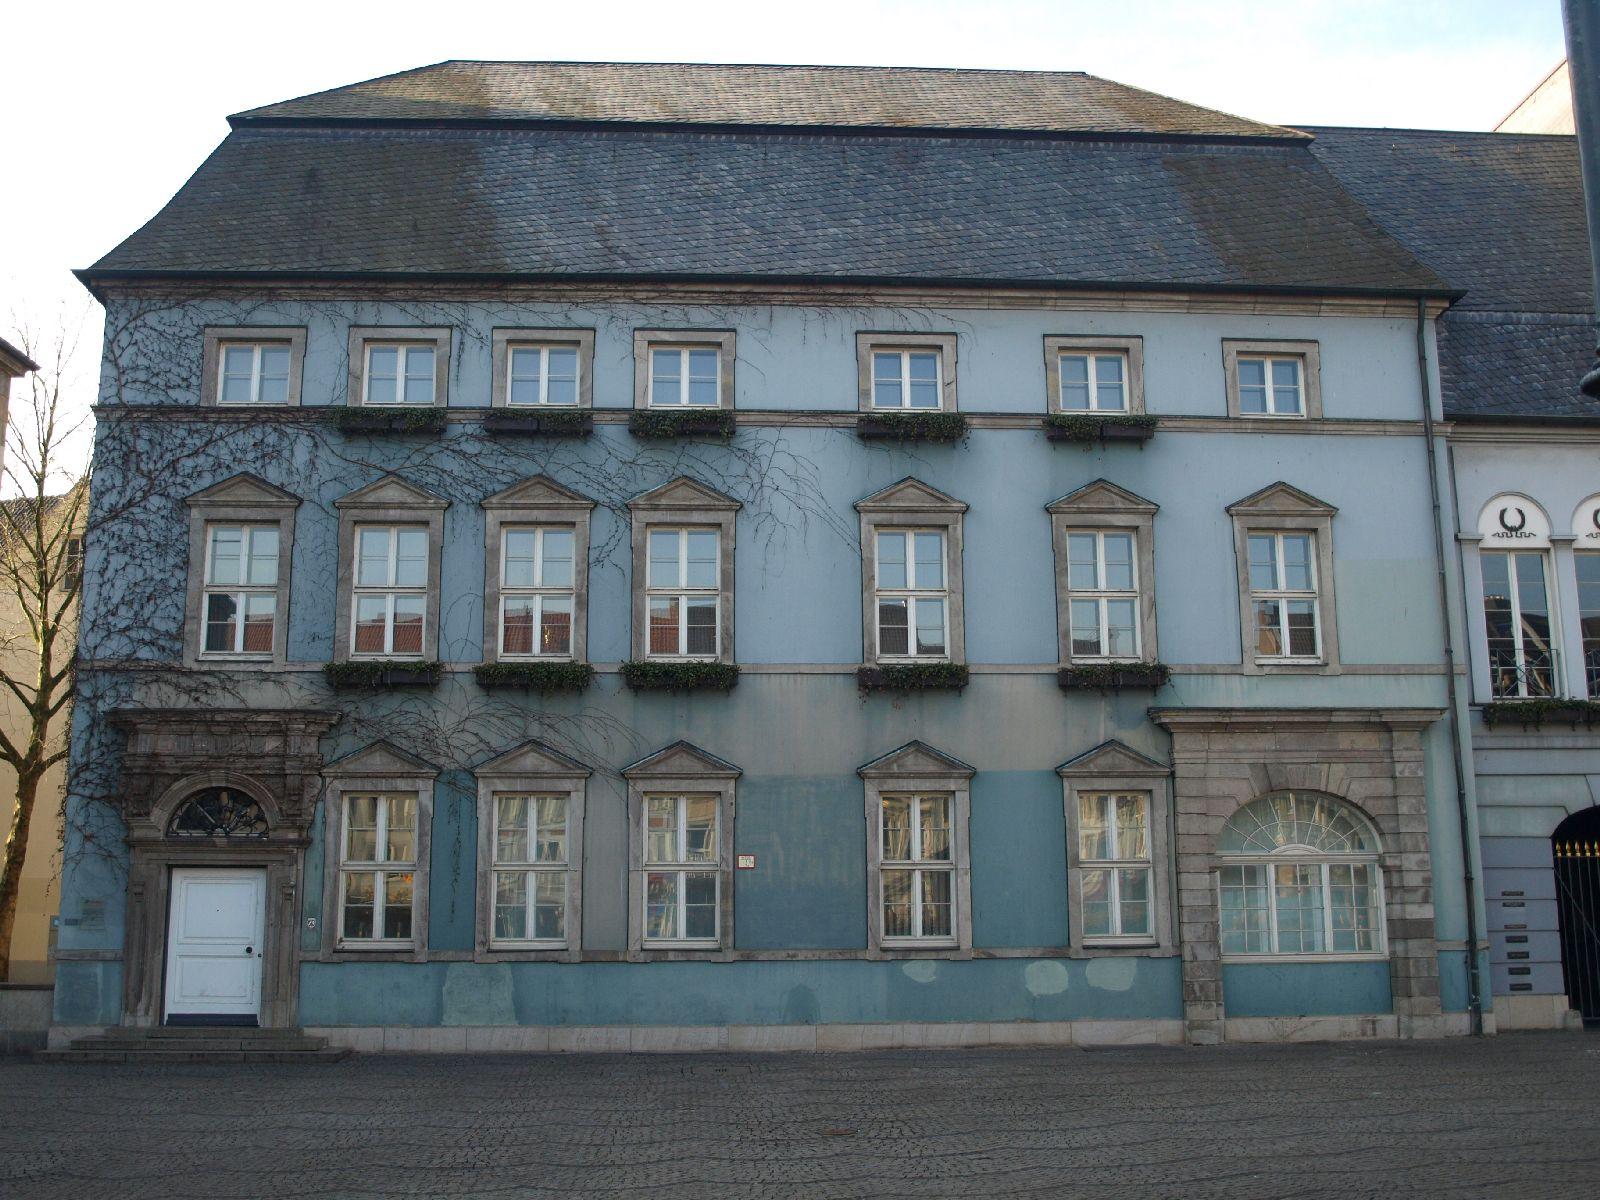 Building_Texture_A_P1179324